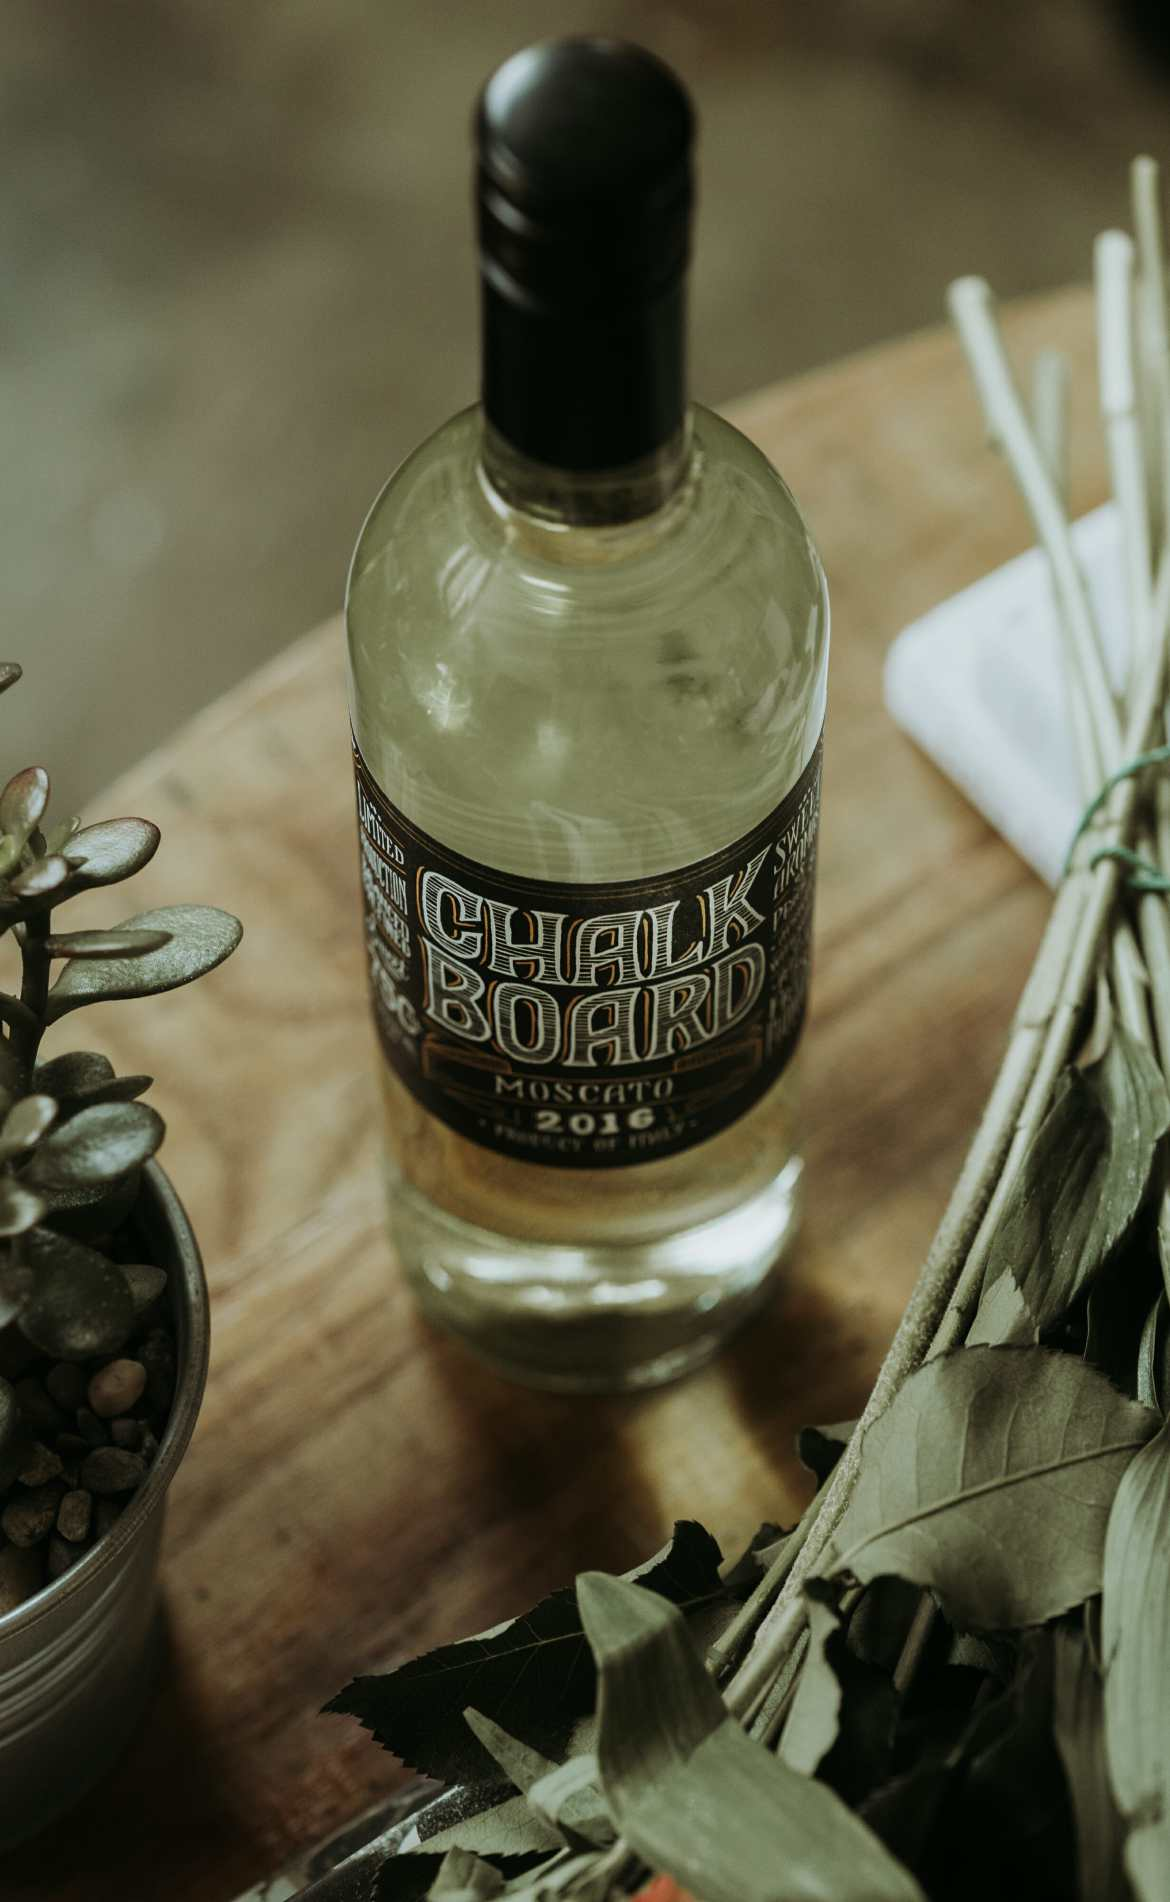 chalk & board bottle of wine